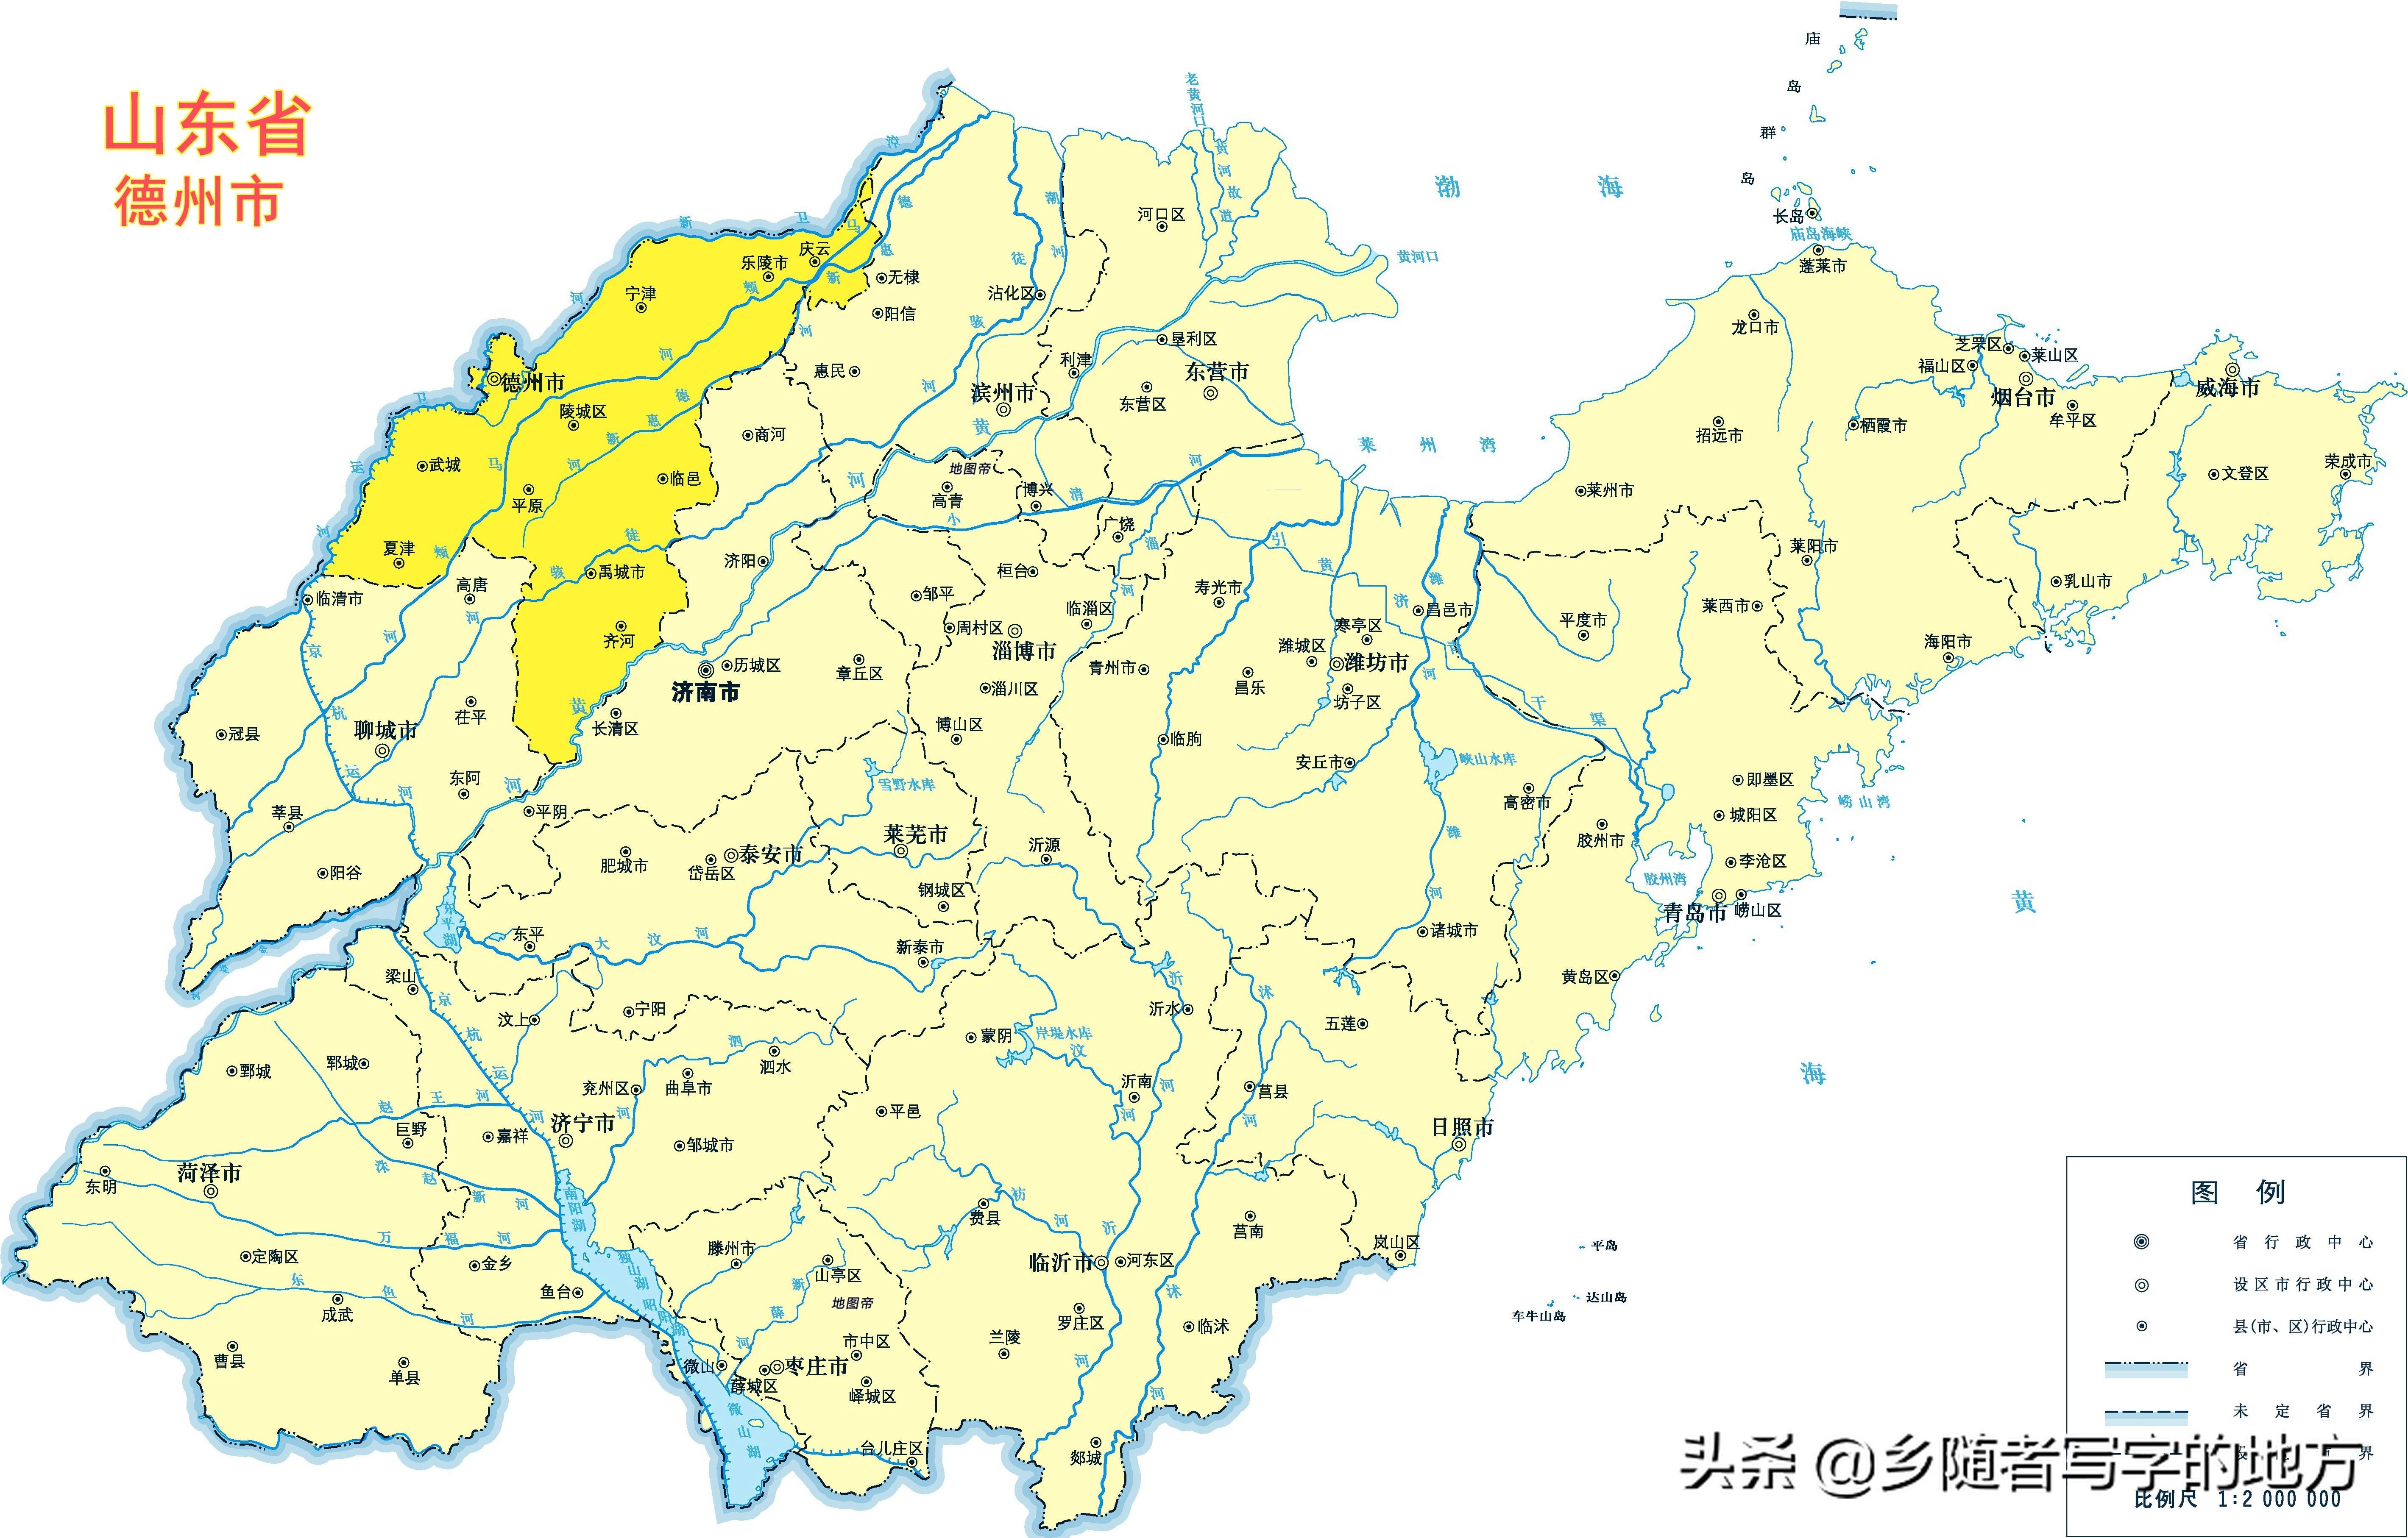 中国行政区划——山东省德州市